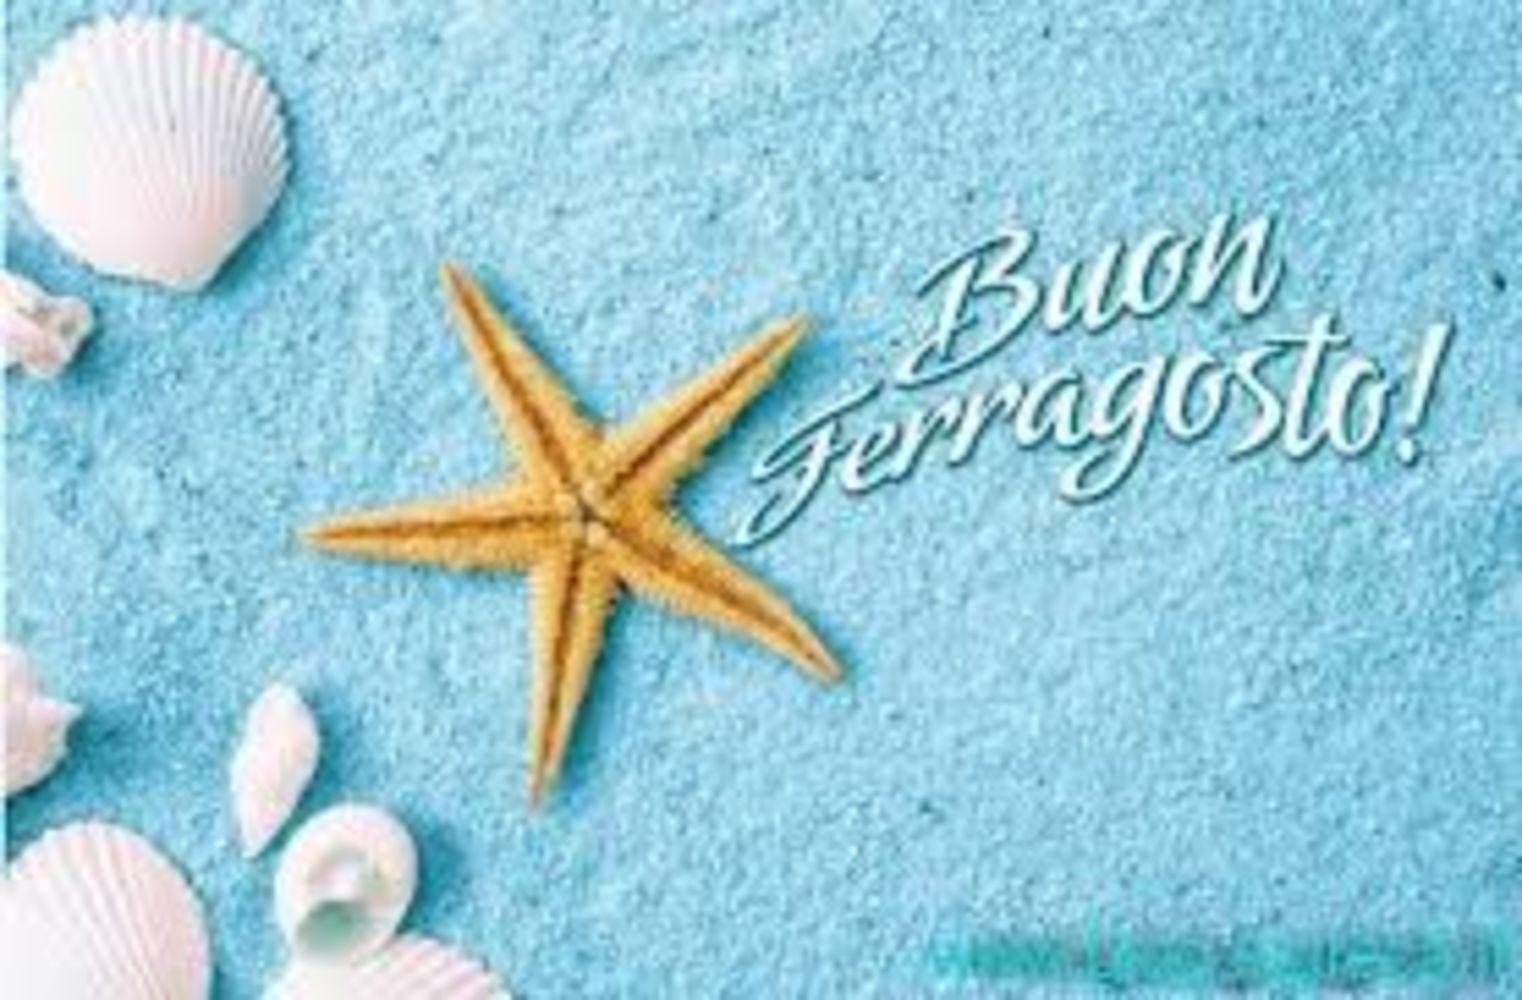 Immgini-Buon-Ferragosto-Nuove-Belle-per-Whatsapp-56